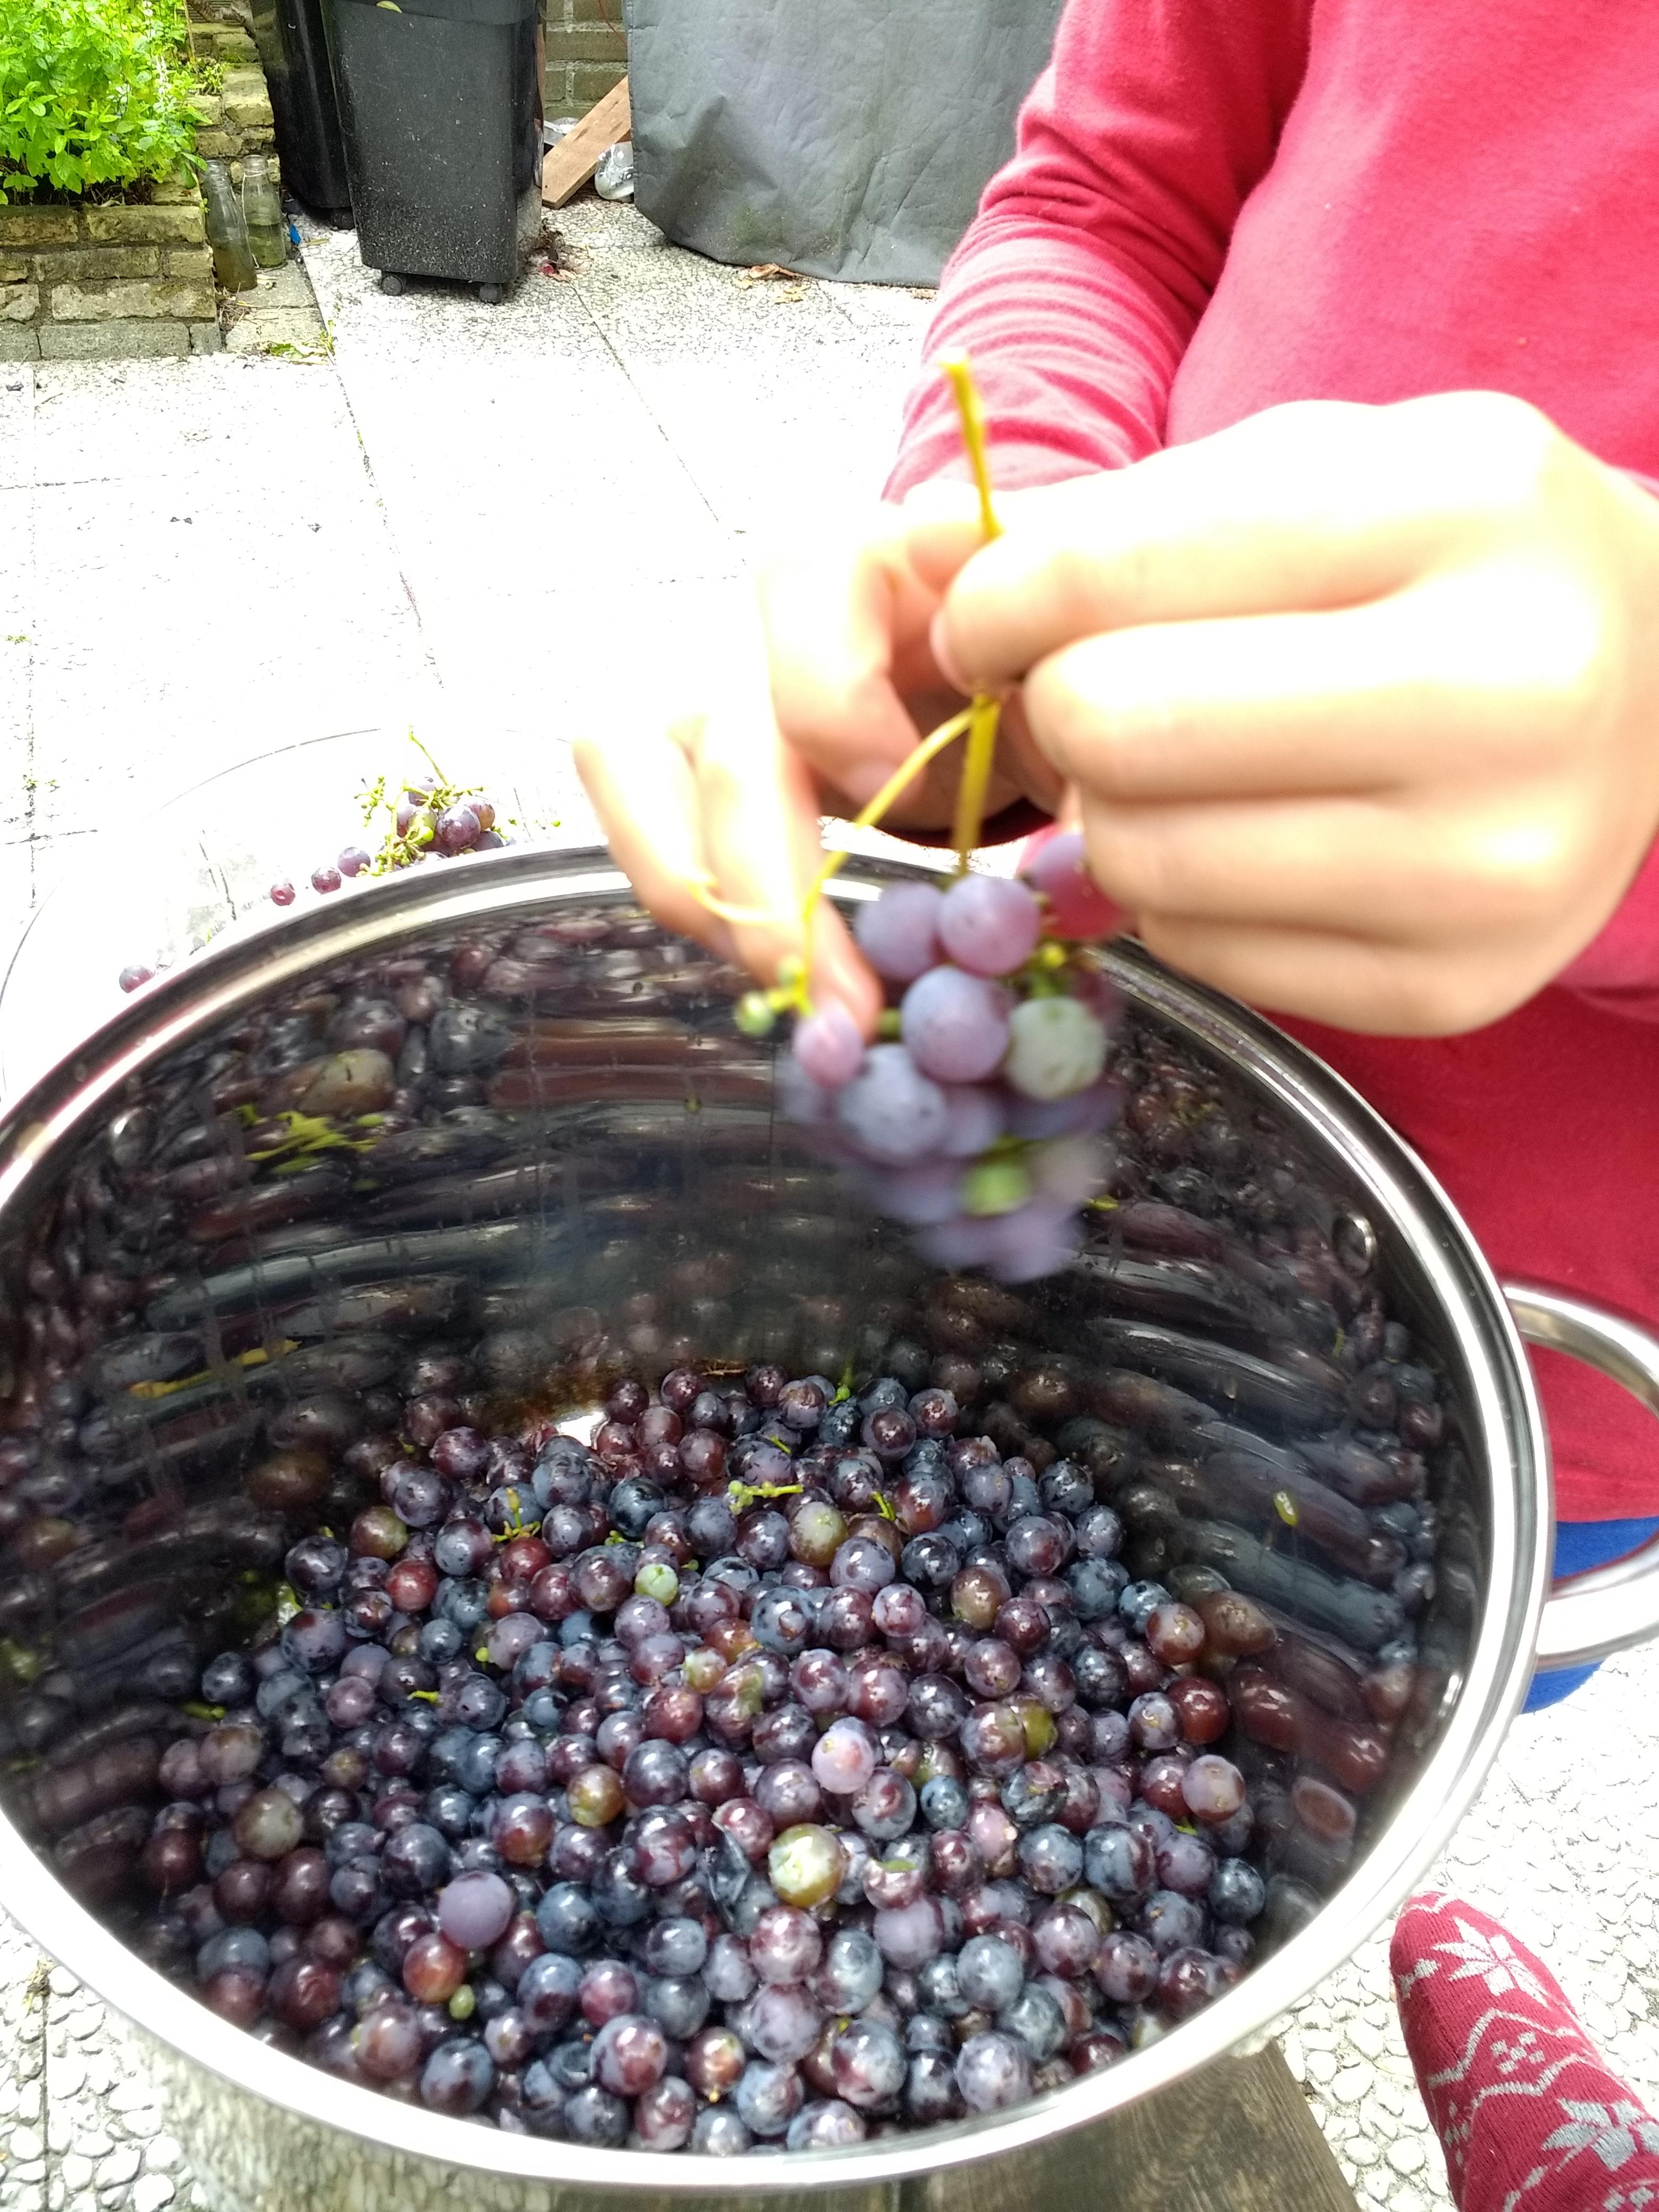 druivensap homemade